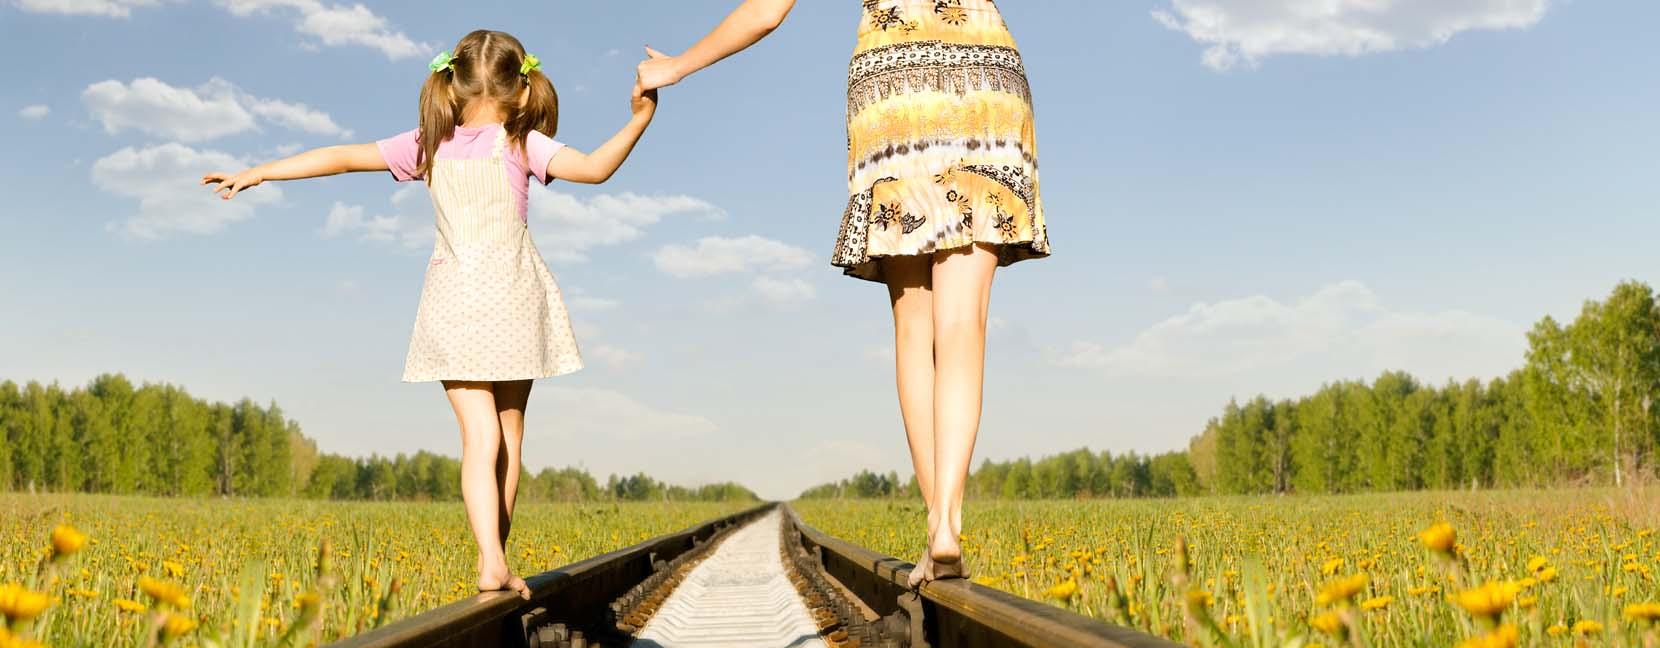 Mamma e figlia camminano in equilibrio sulle rotaie, hanno sicurezza e fiducia in se stesse